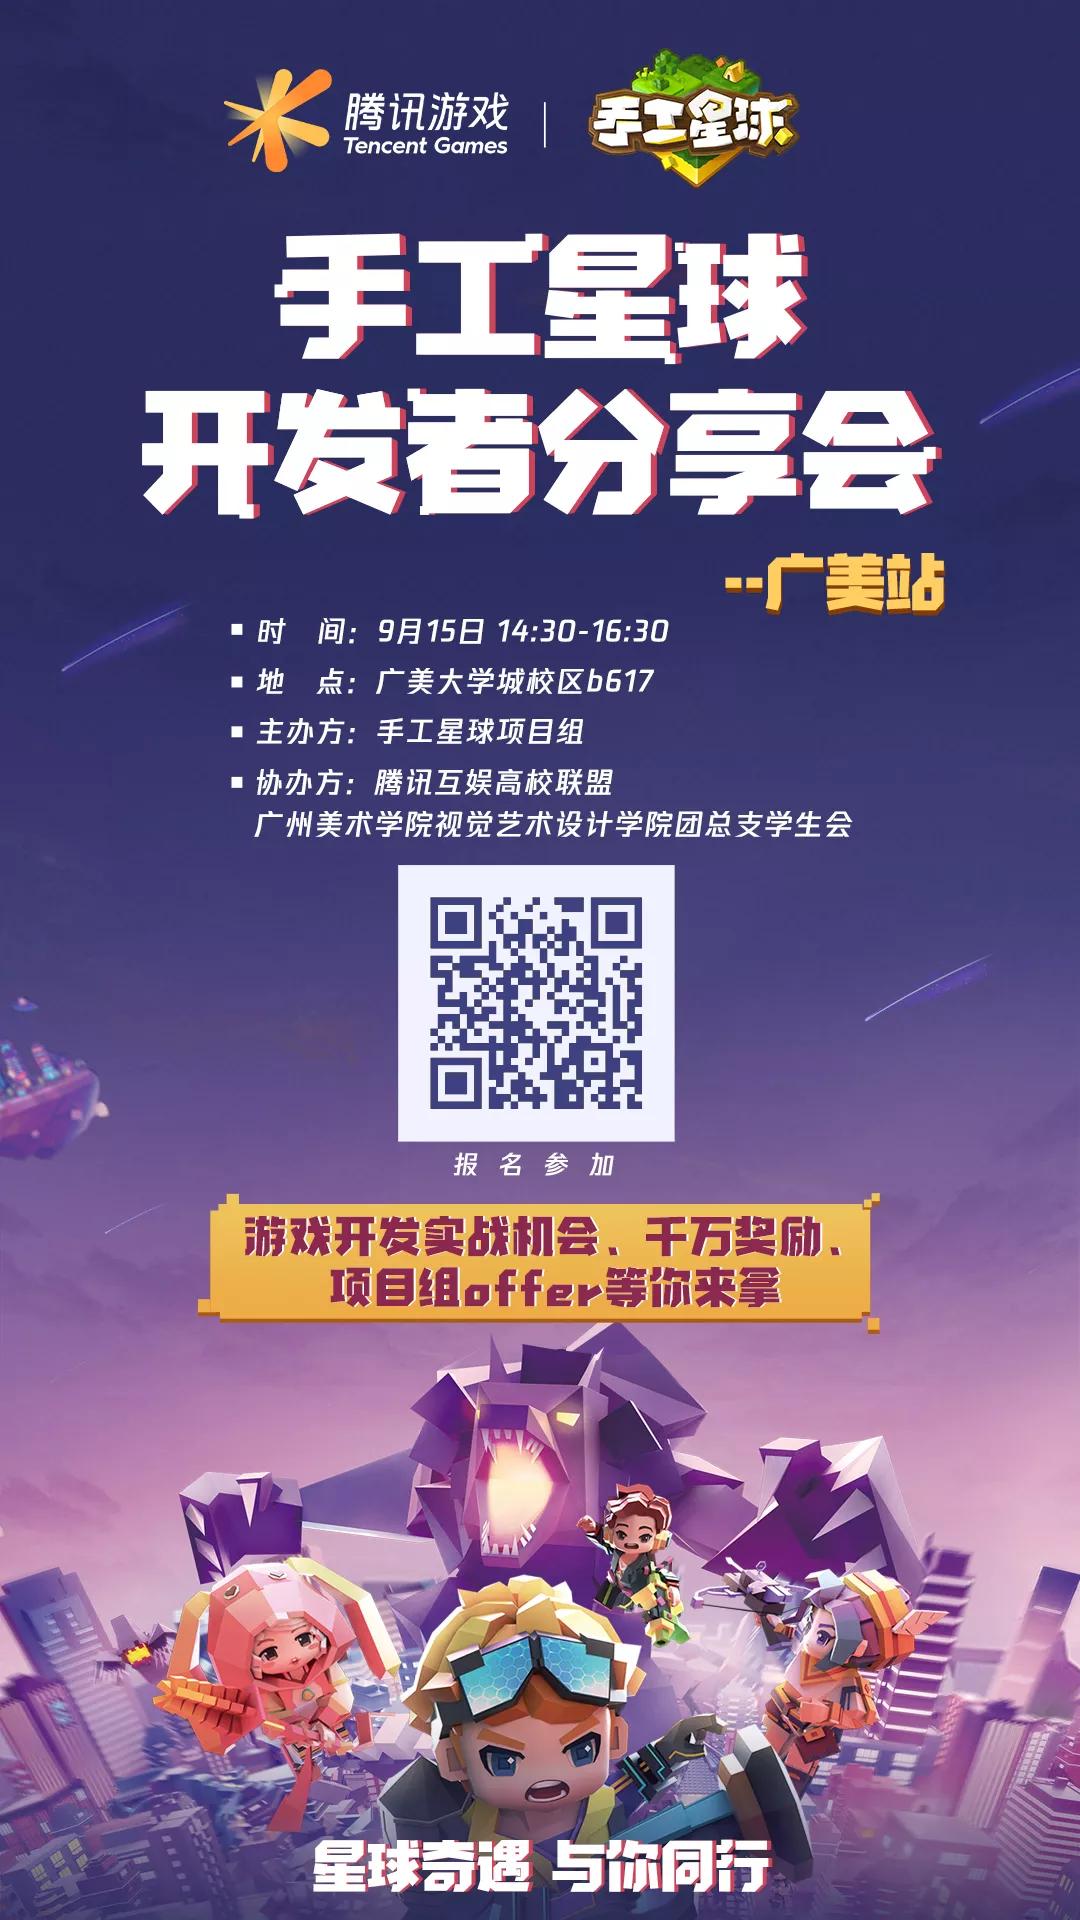 手工星球开发者孵化营即将启程,我们在广州美术学院等你来...